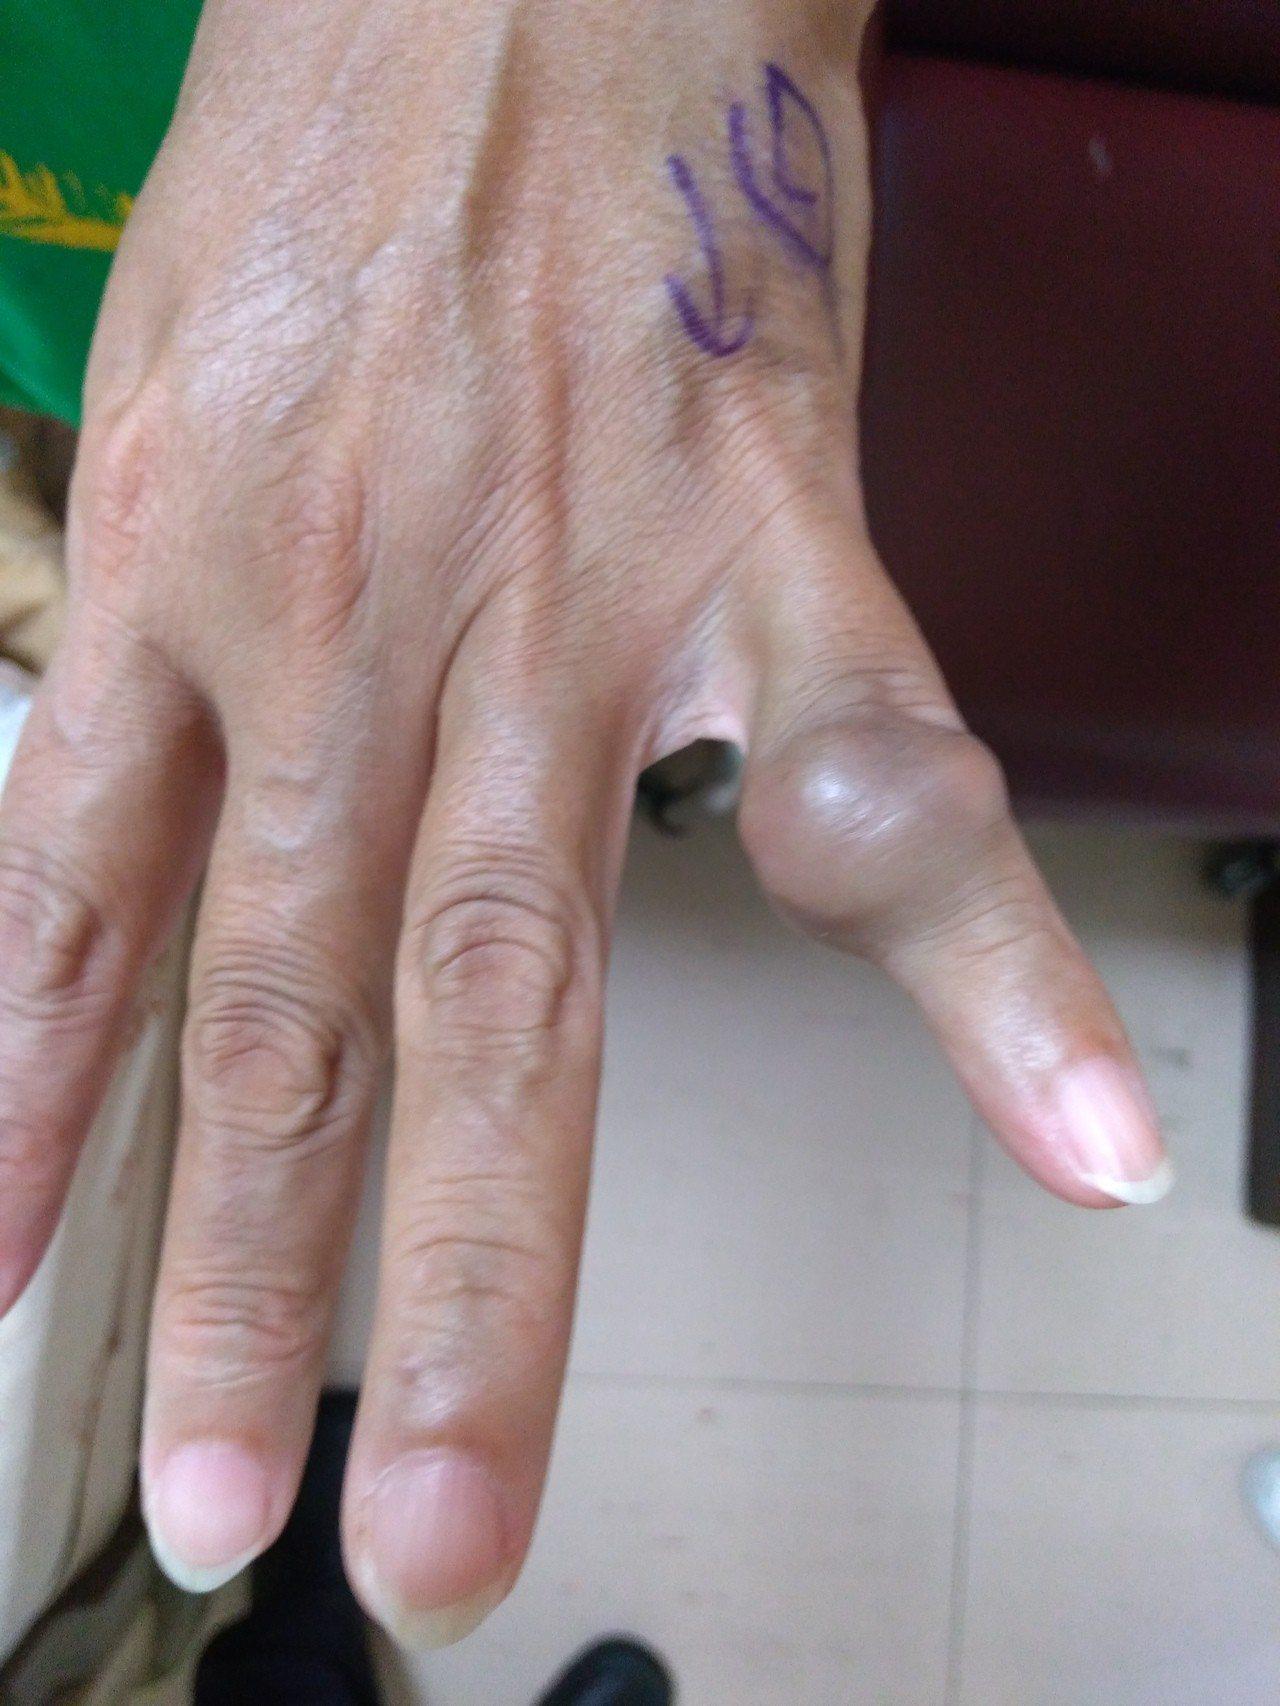 手部軟組織腫瘤中第二常見的腱鞘巨細胞瘤,好發於30至50歲族群,常見於掌心側的指...